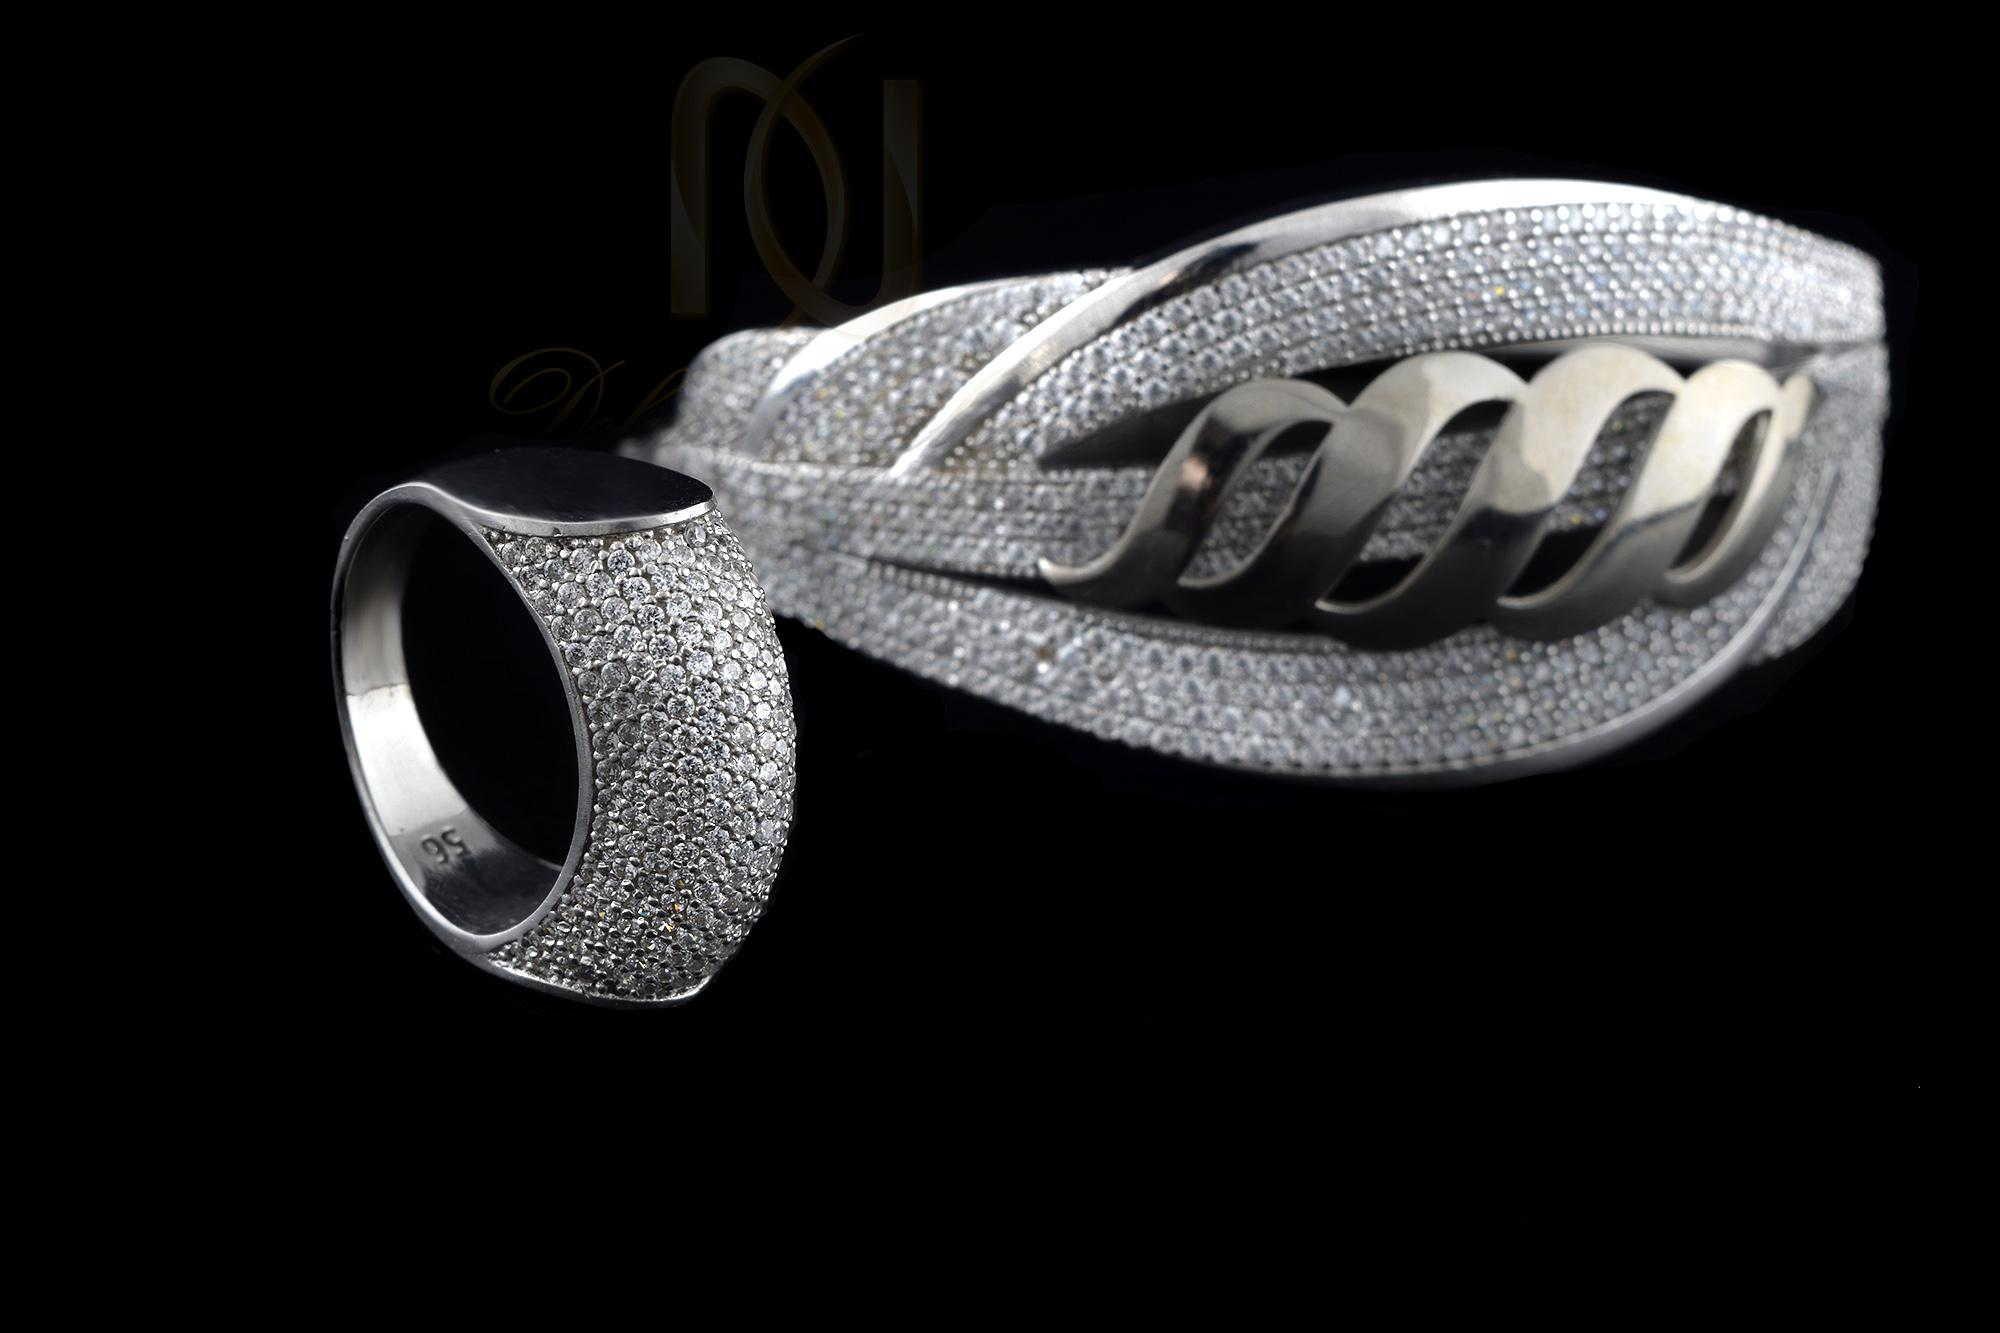 ست دستبند و انگشتر نقره زنانه ns-n240 از نمای مشکی